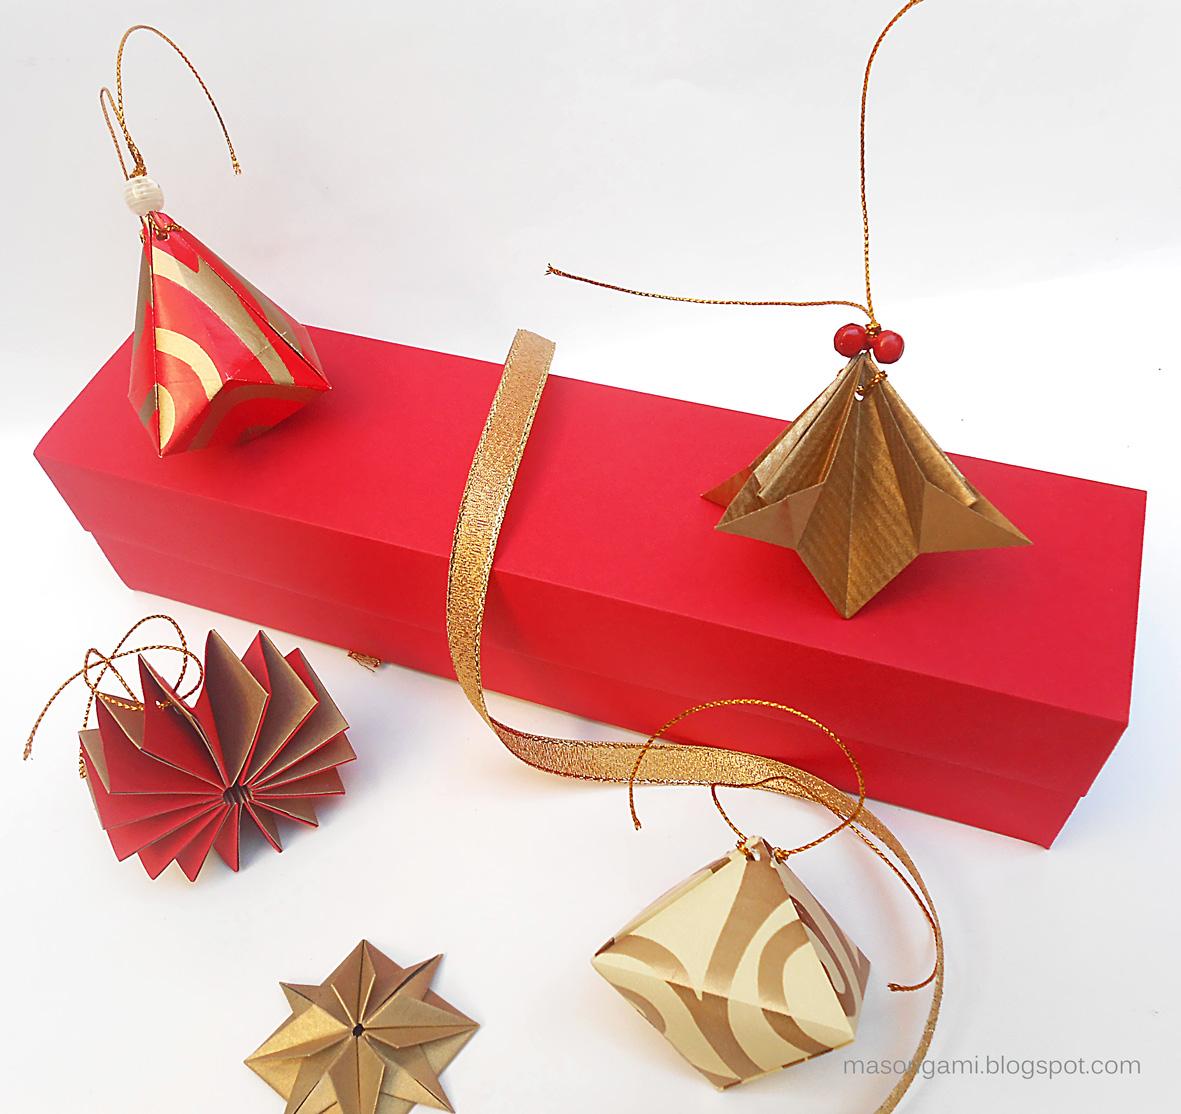 Mas origami caja con adornos navide os for Adornos navidenos origami paso a paso